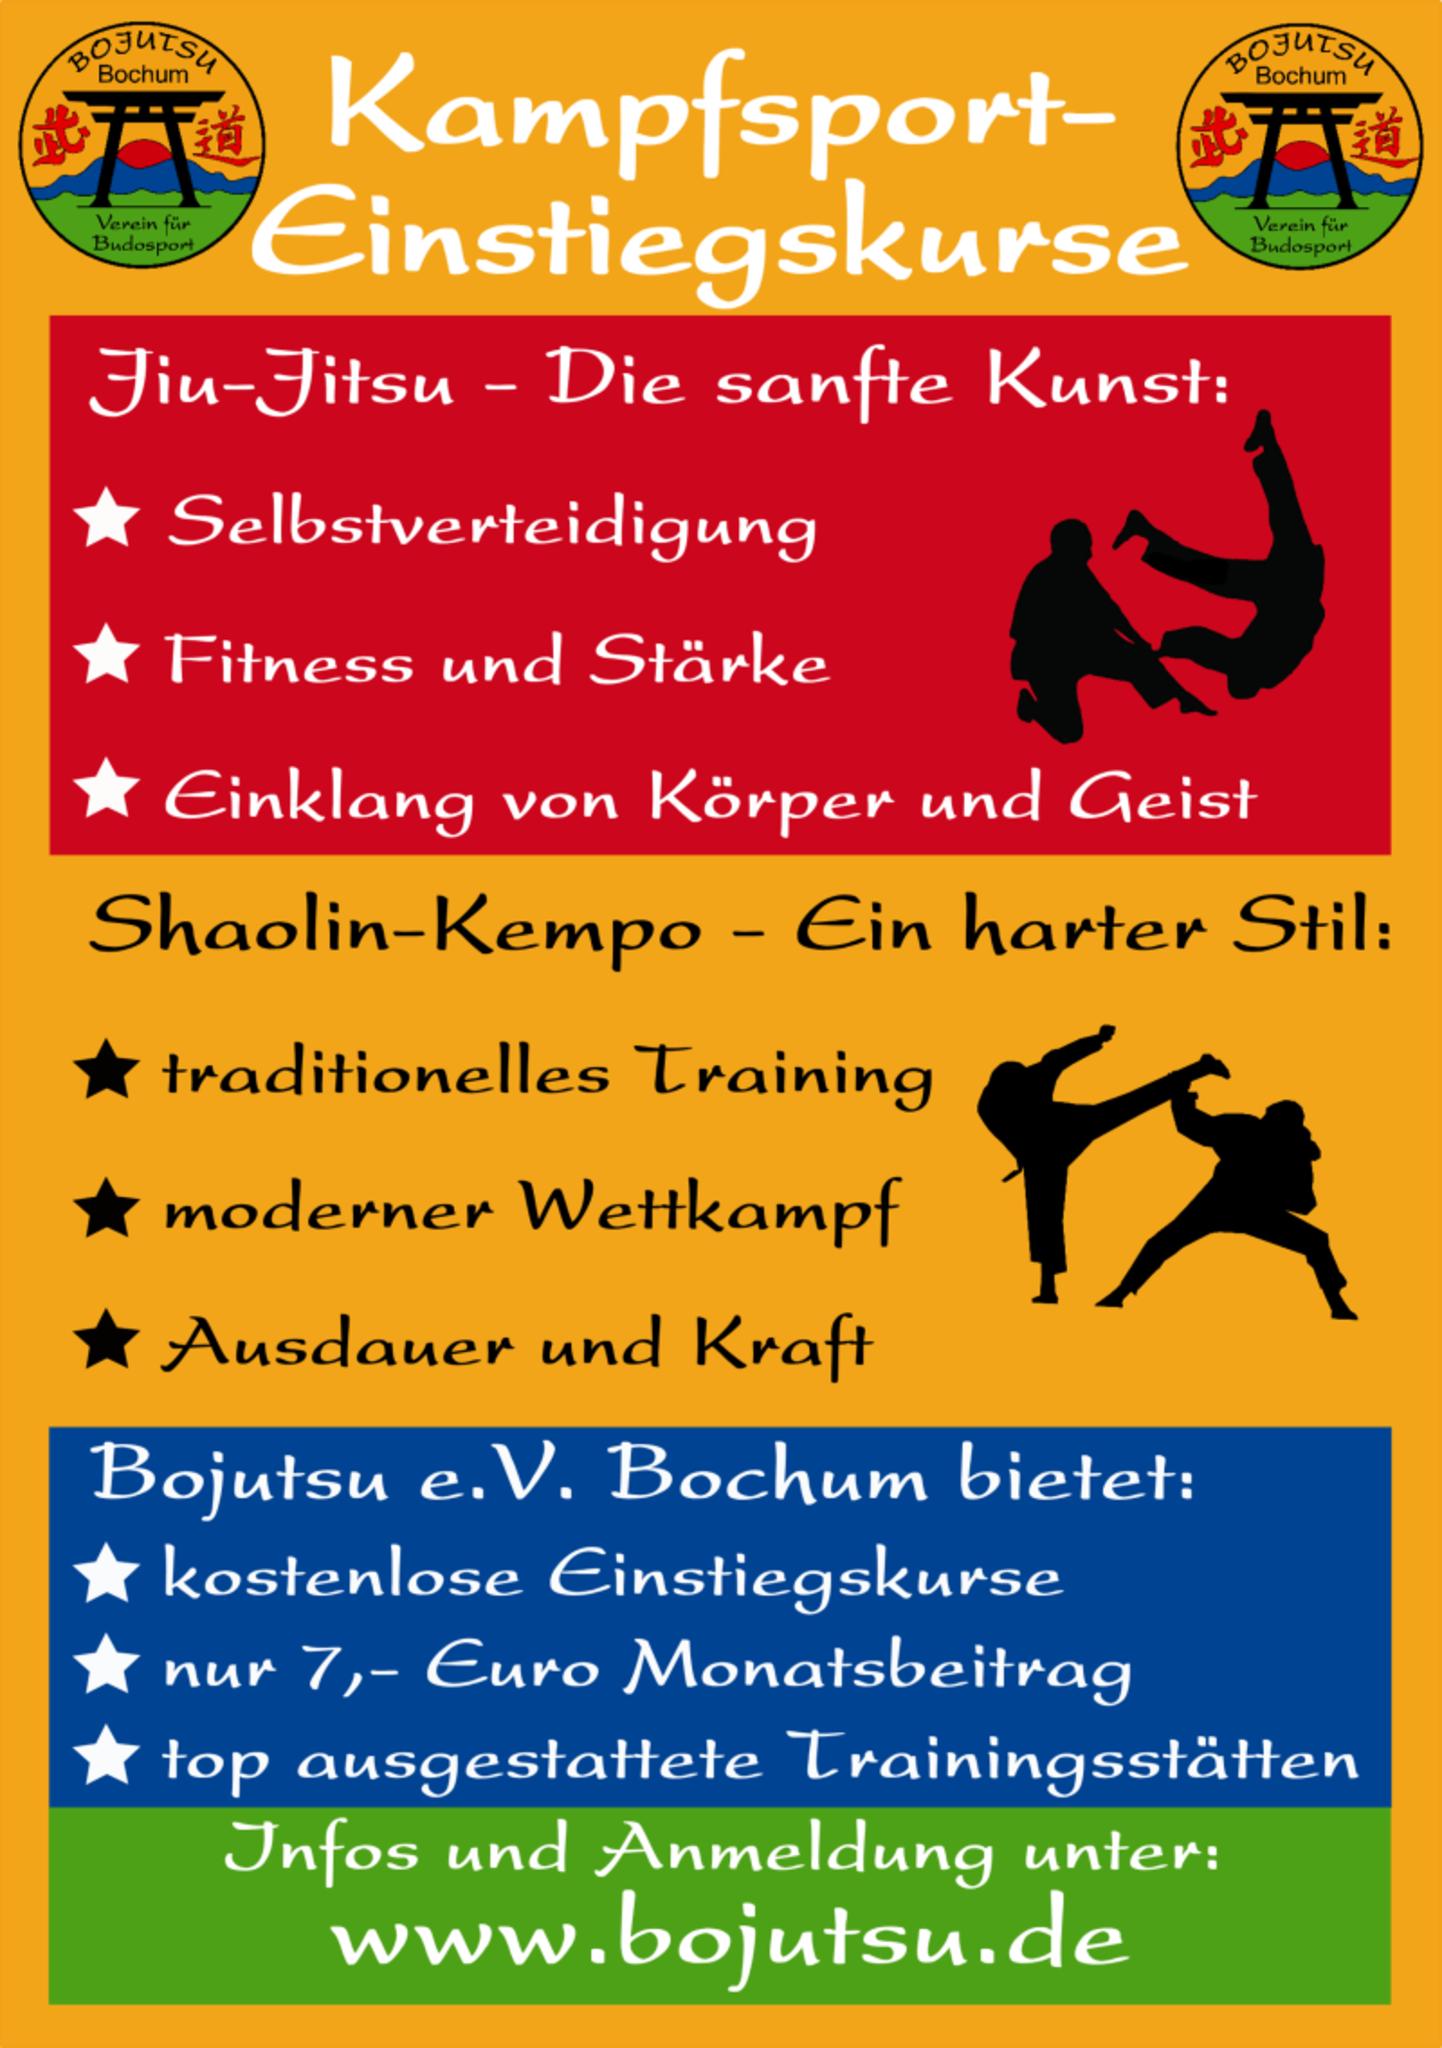 Kampfsport Bochum